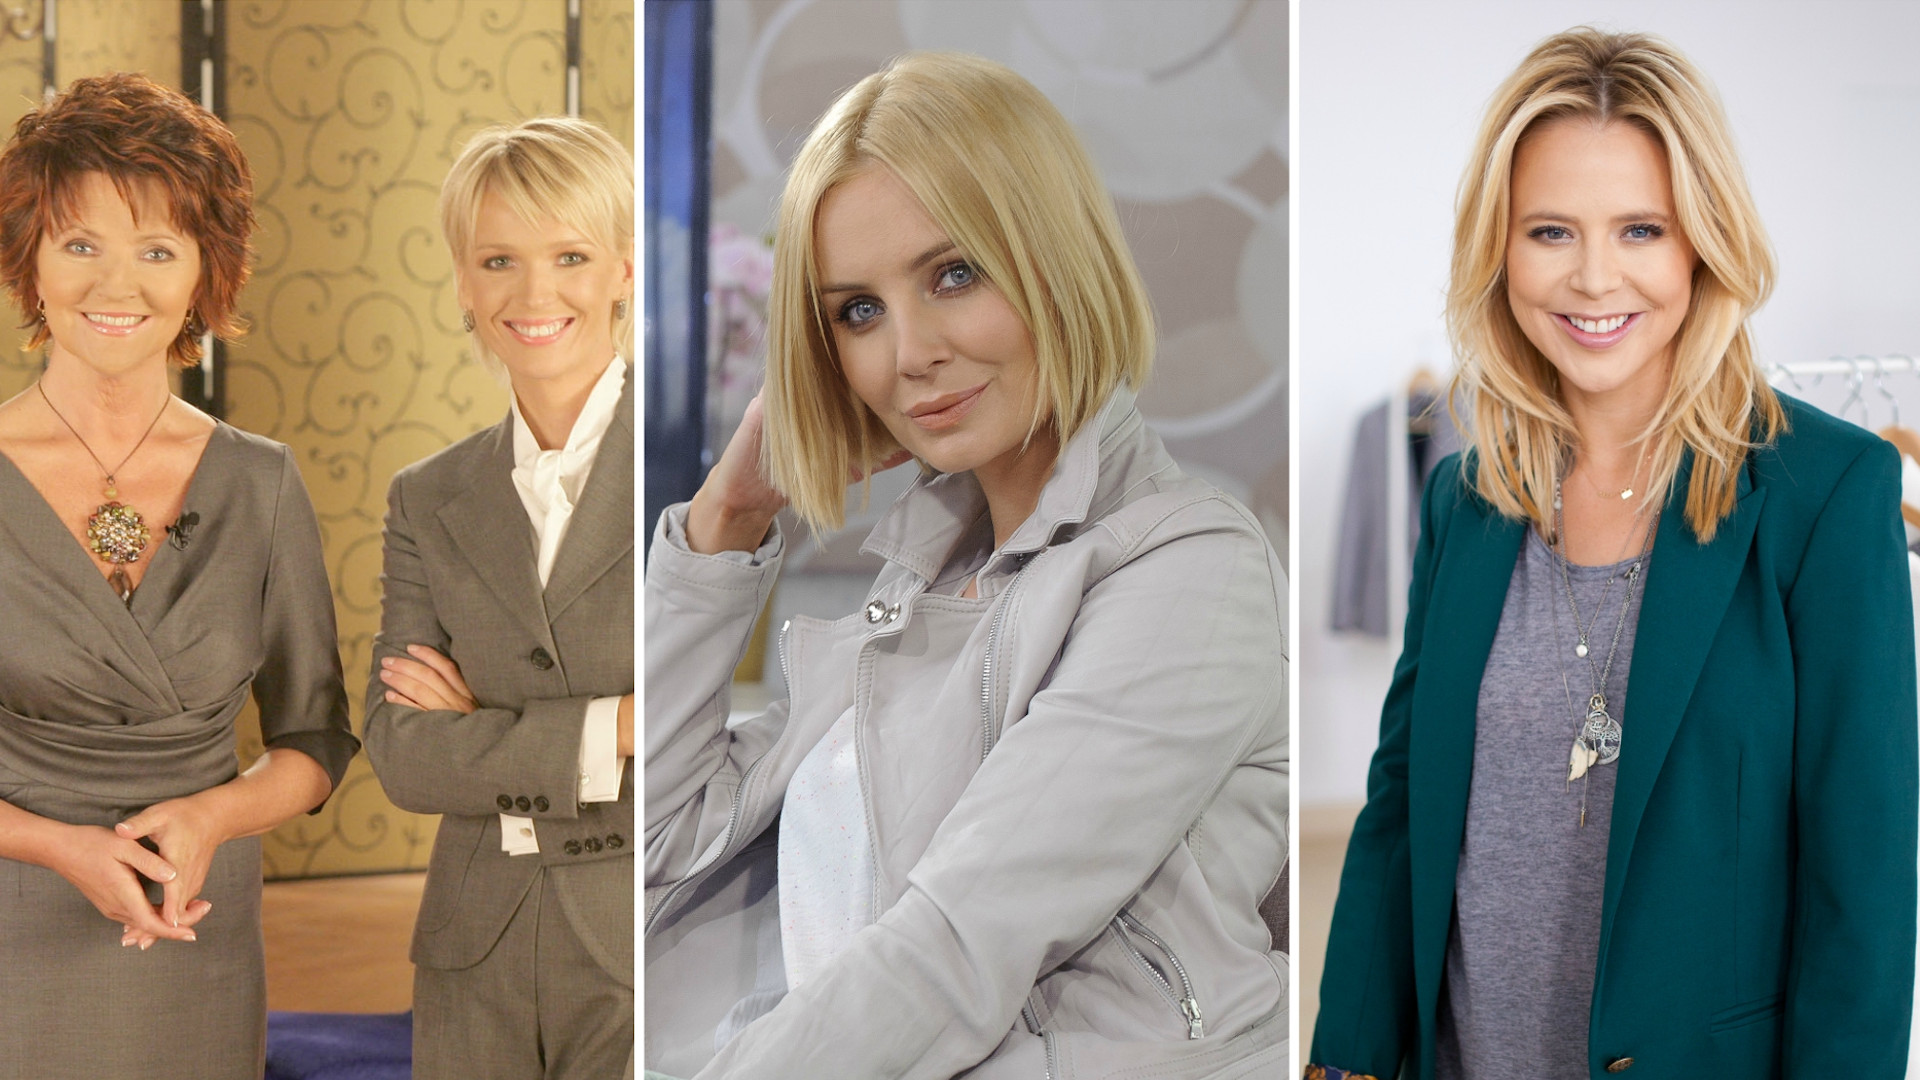 Gwiazdy TVN Style kiedyś i dziś. Bardzo się zmieniły?